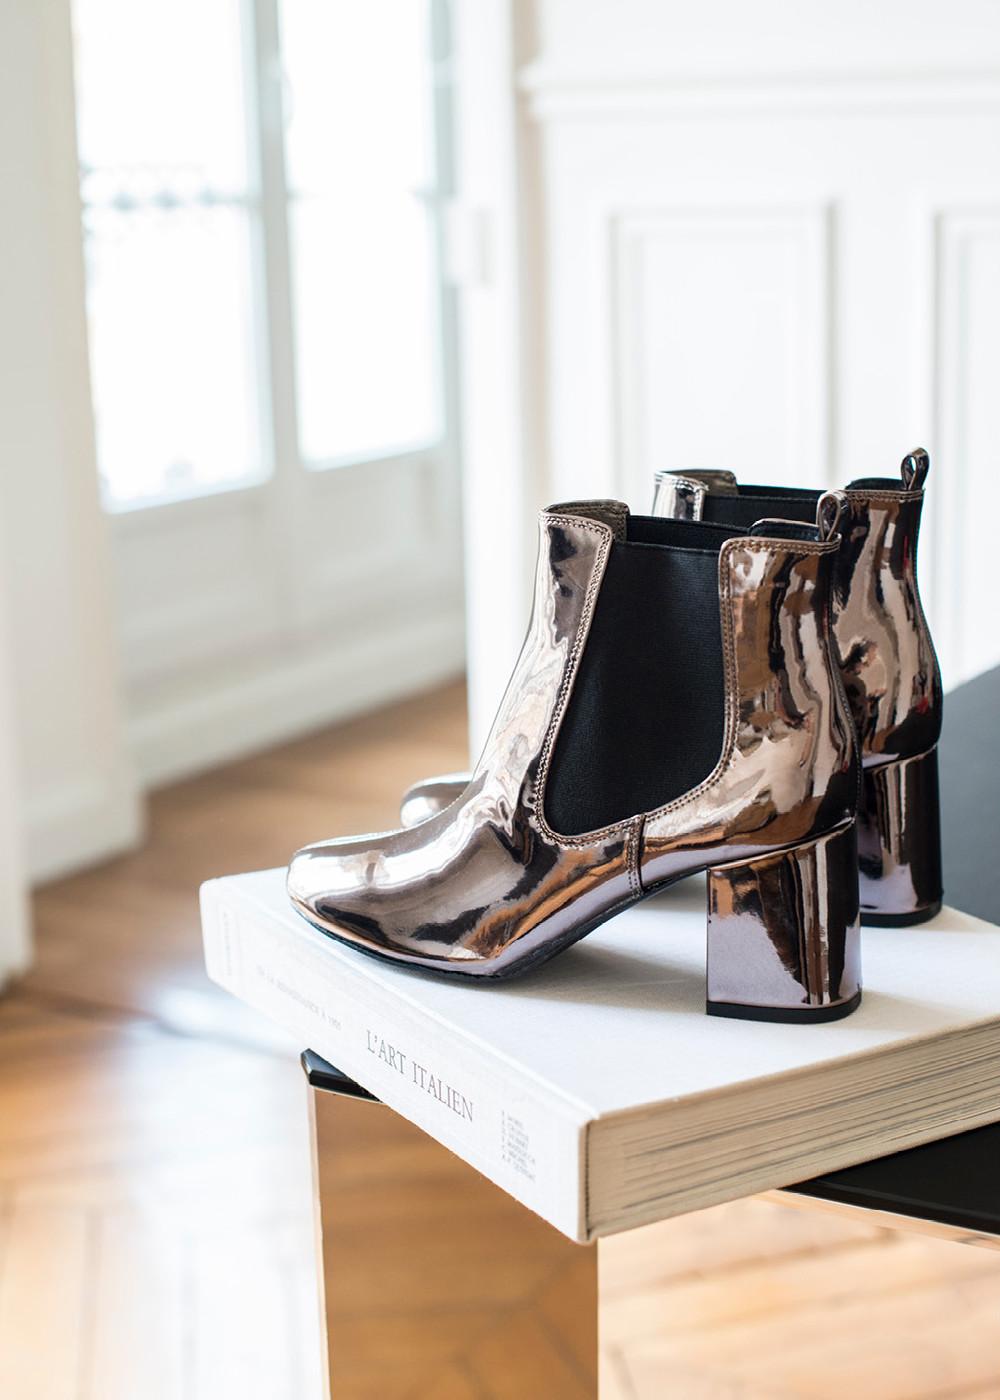 160eabb7a2a8 Chaussures Grossiste Femme Aubervilliers Grossiste Aubervilliers nwtq8Yxwp1